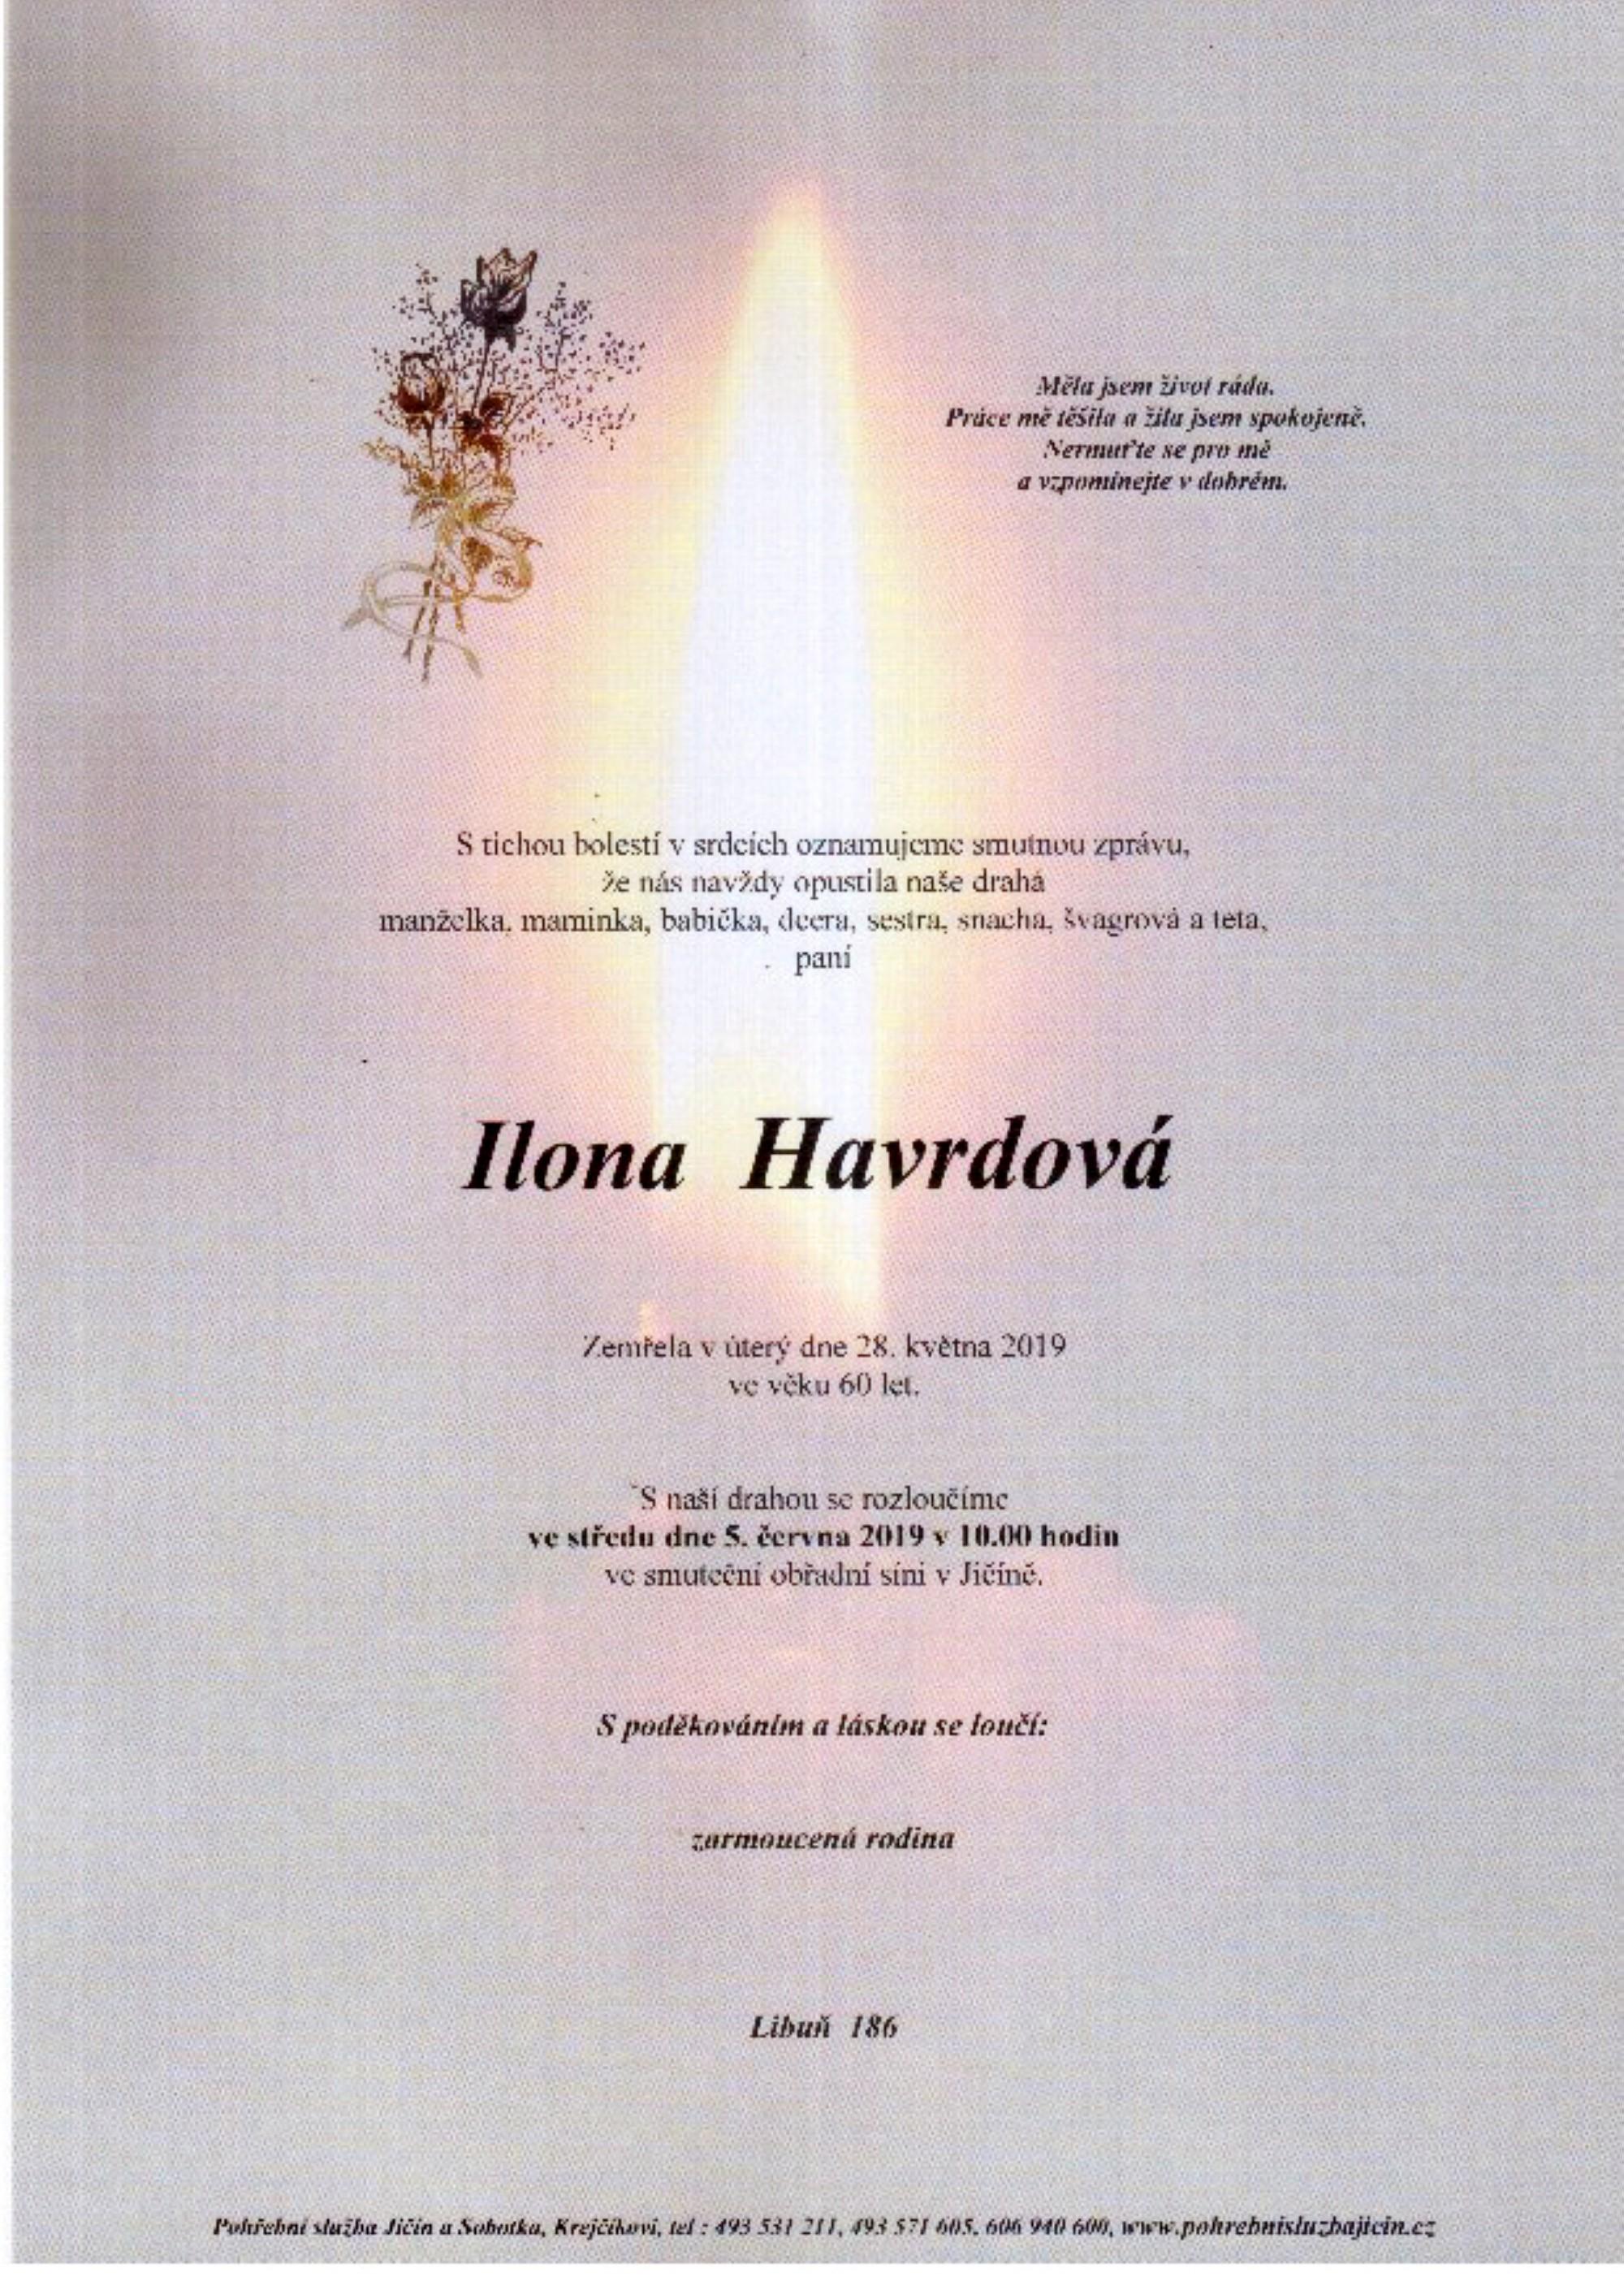 Ilona Havrdová